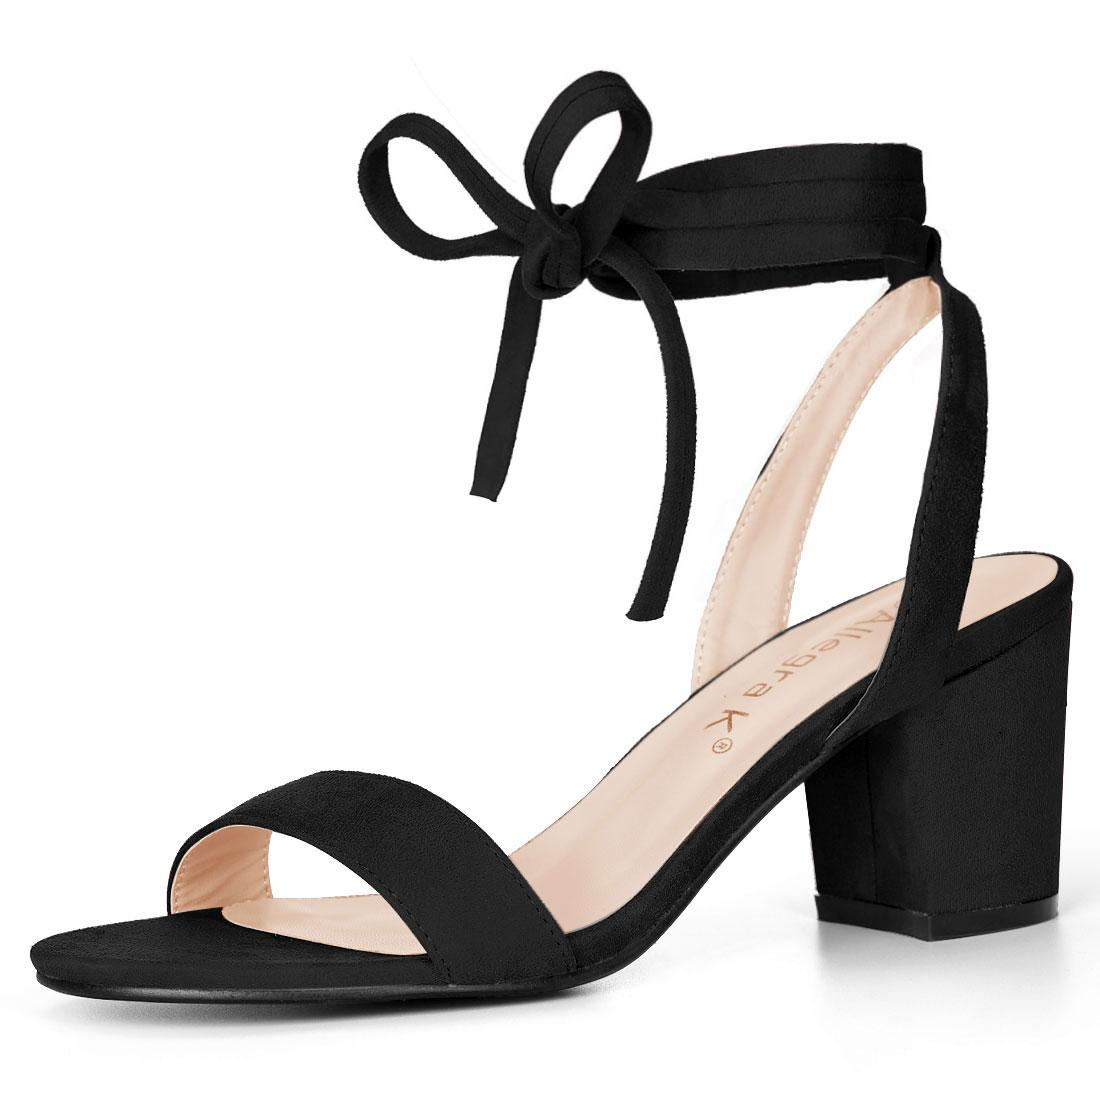 Allegra K Women's Open Toe Mid Block Heel Ankle Tie Sandals Black US 5